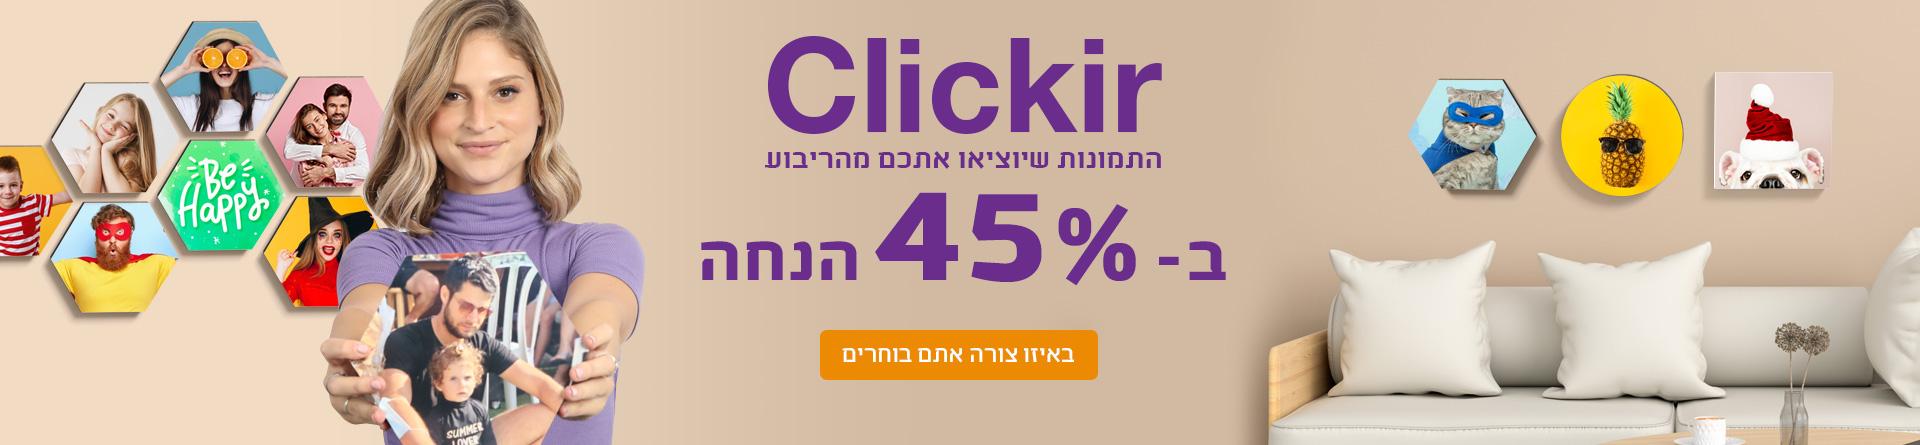 clickir 45%  -1.2.21